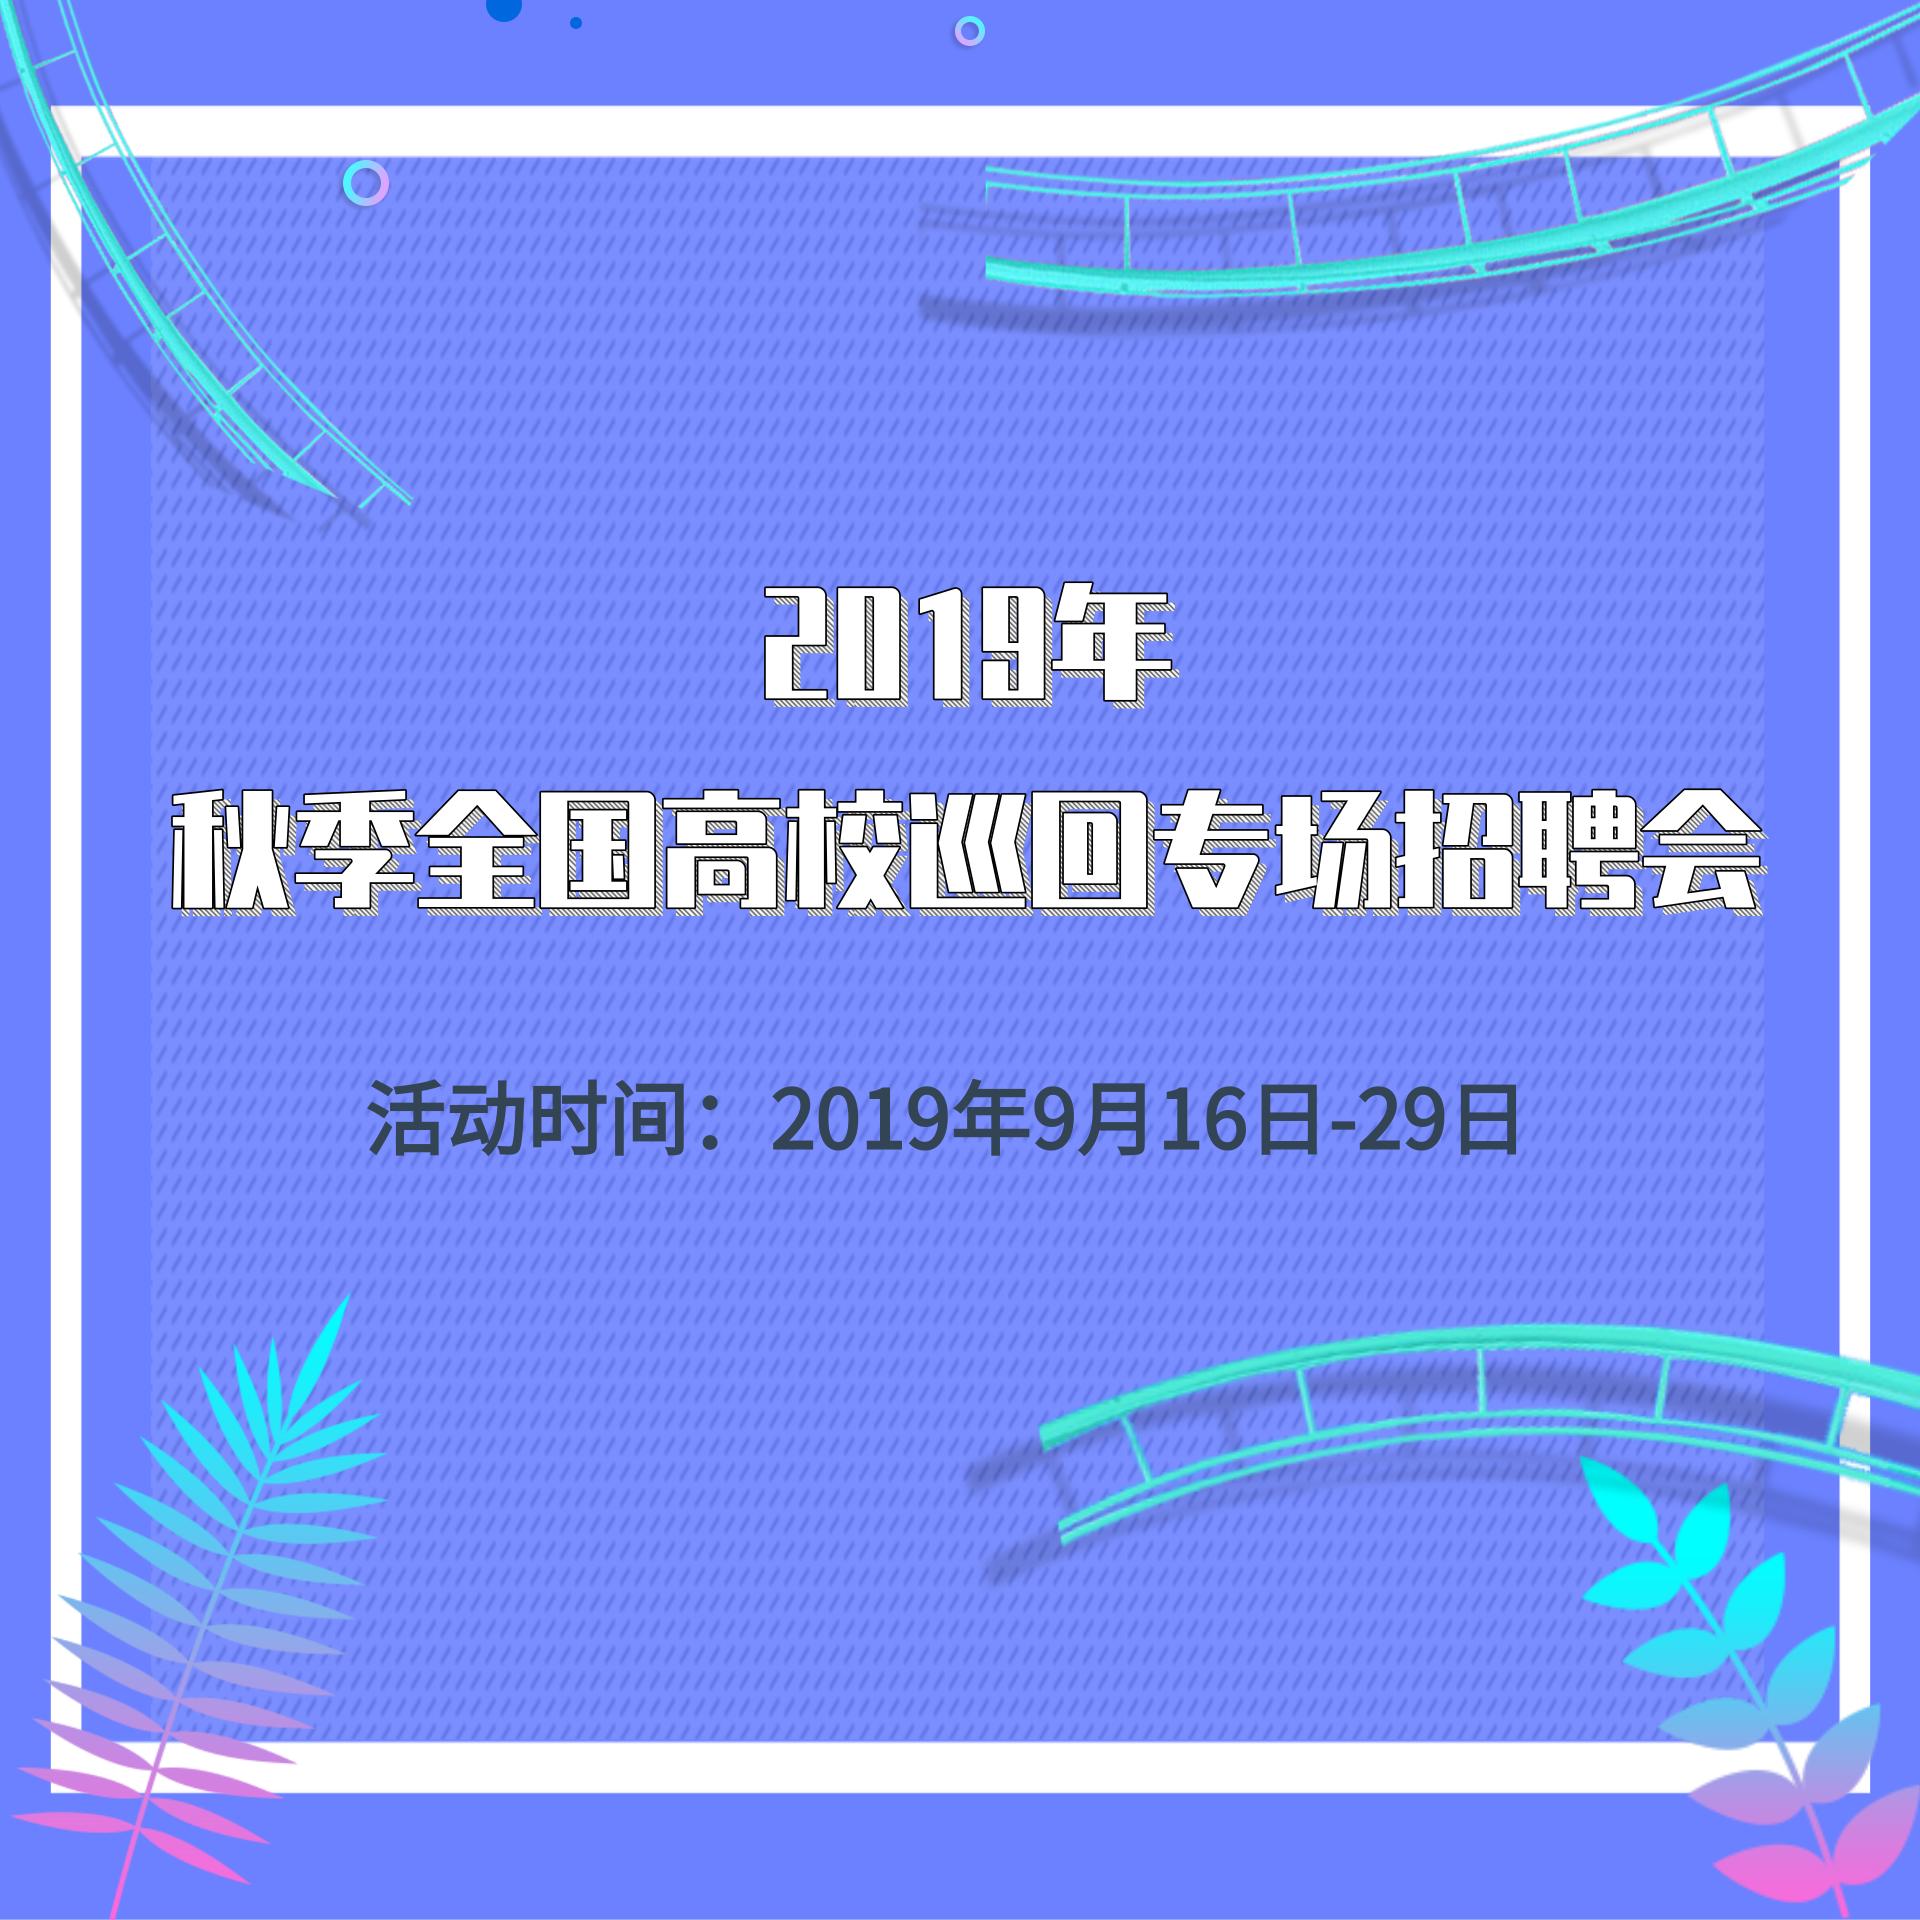 2019年秋季全国高校betway官方下载专场betway88官网电玩推荐会回顾